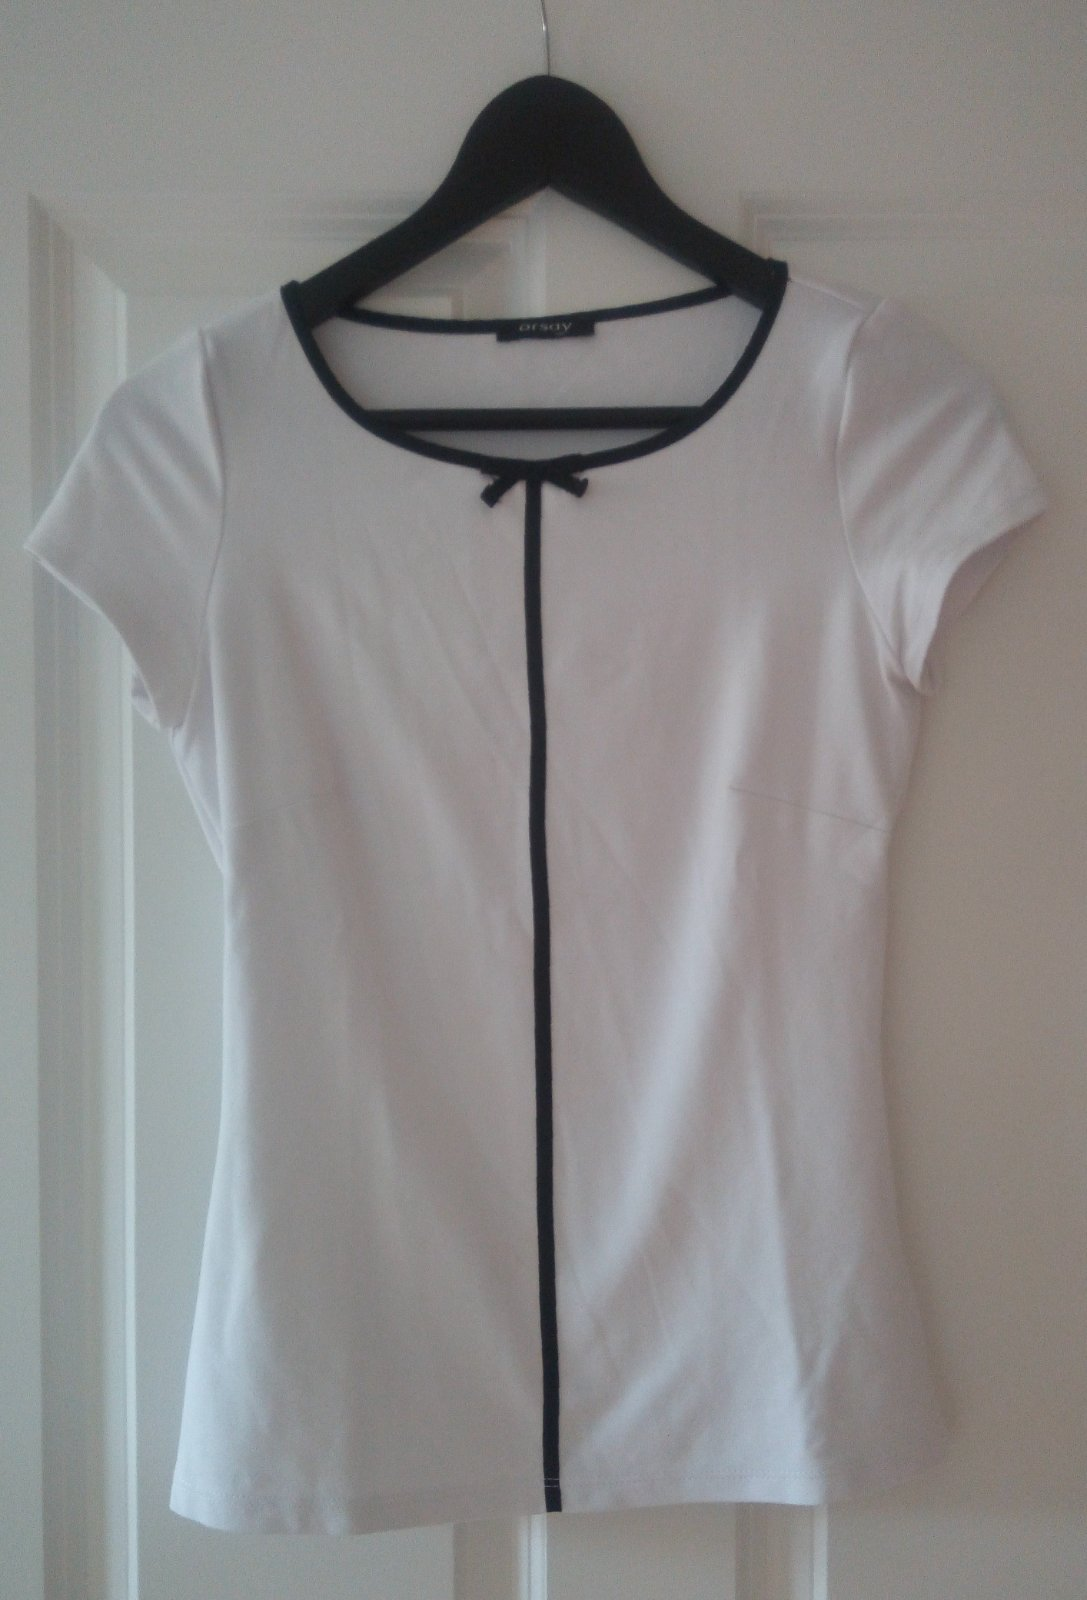 Biele tričko s mašličkou - Obrázok č. 1